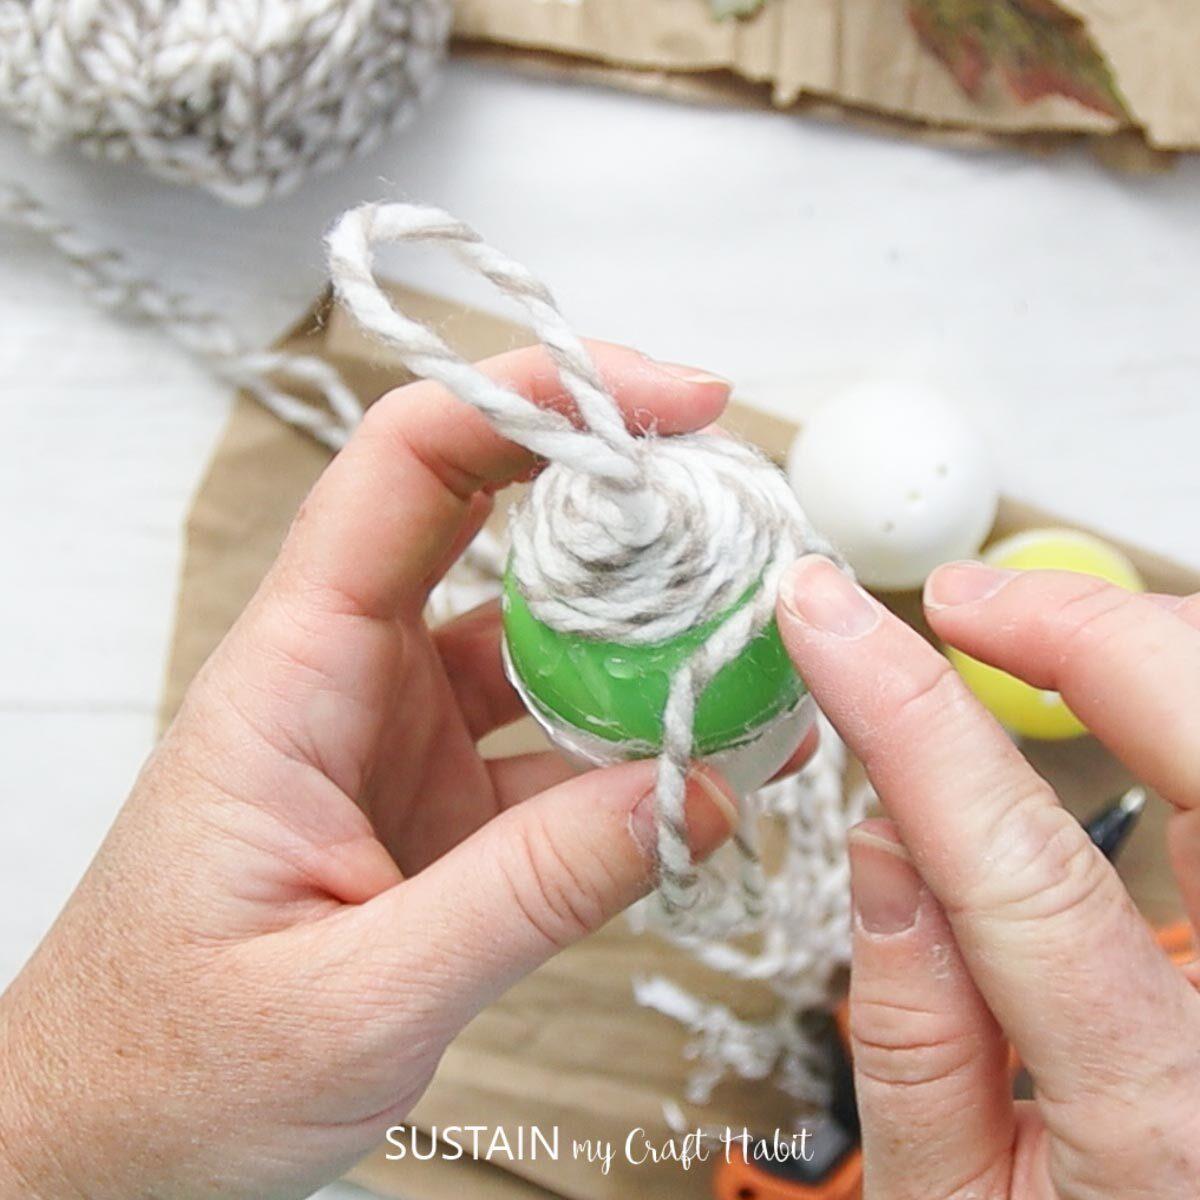 Gluing yarn around the plastic egg.